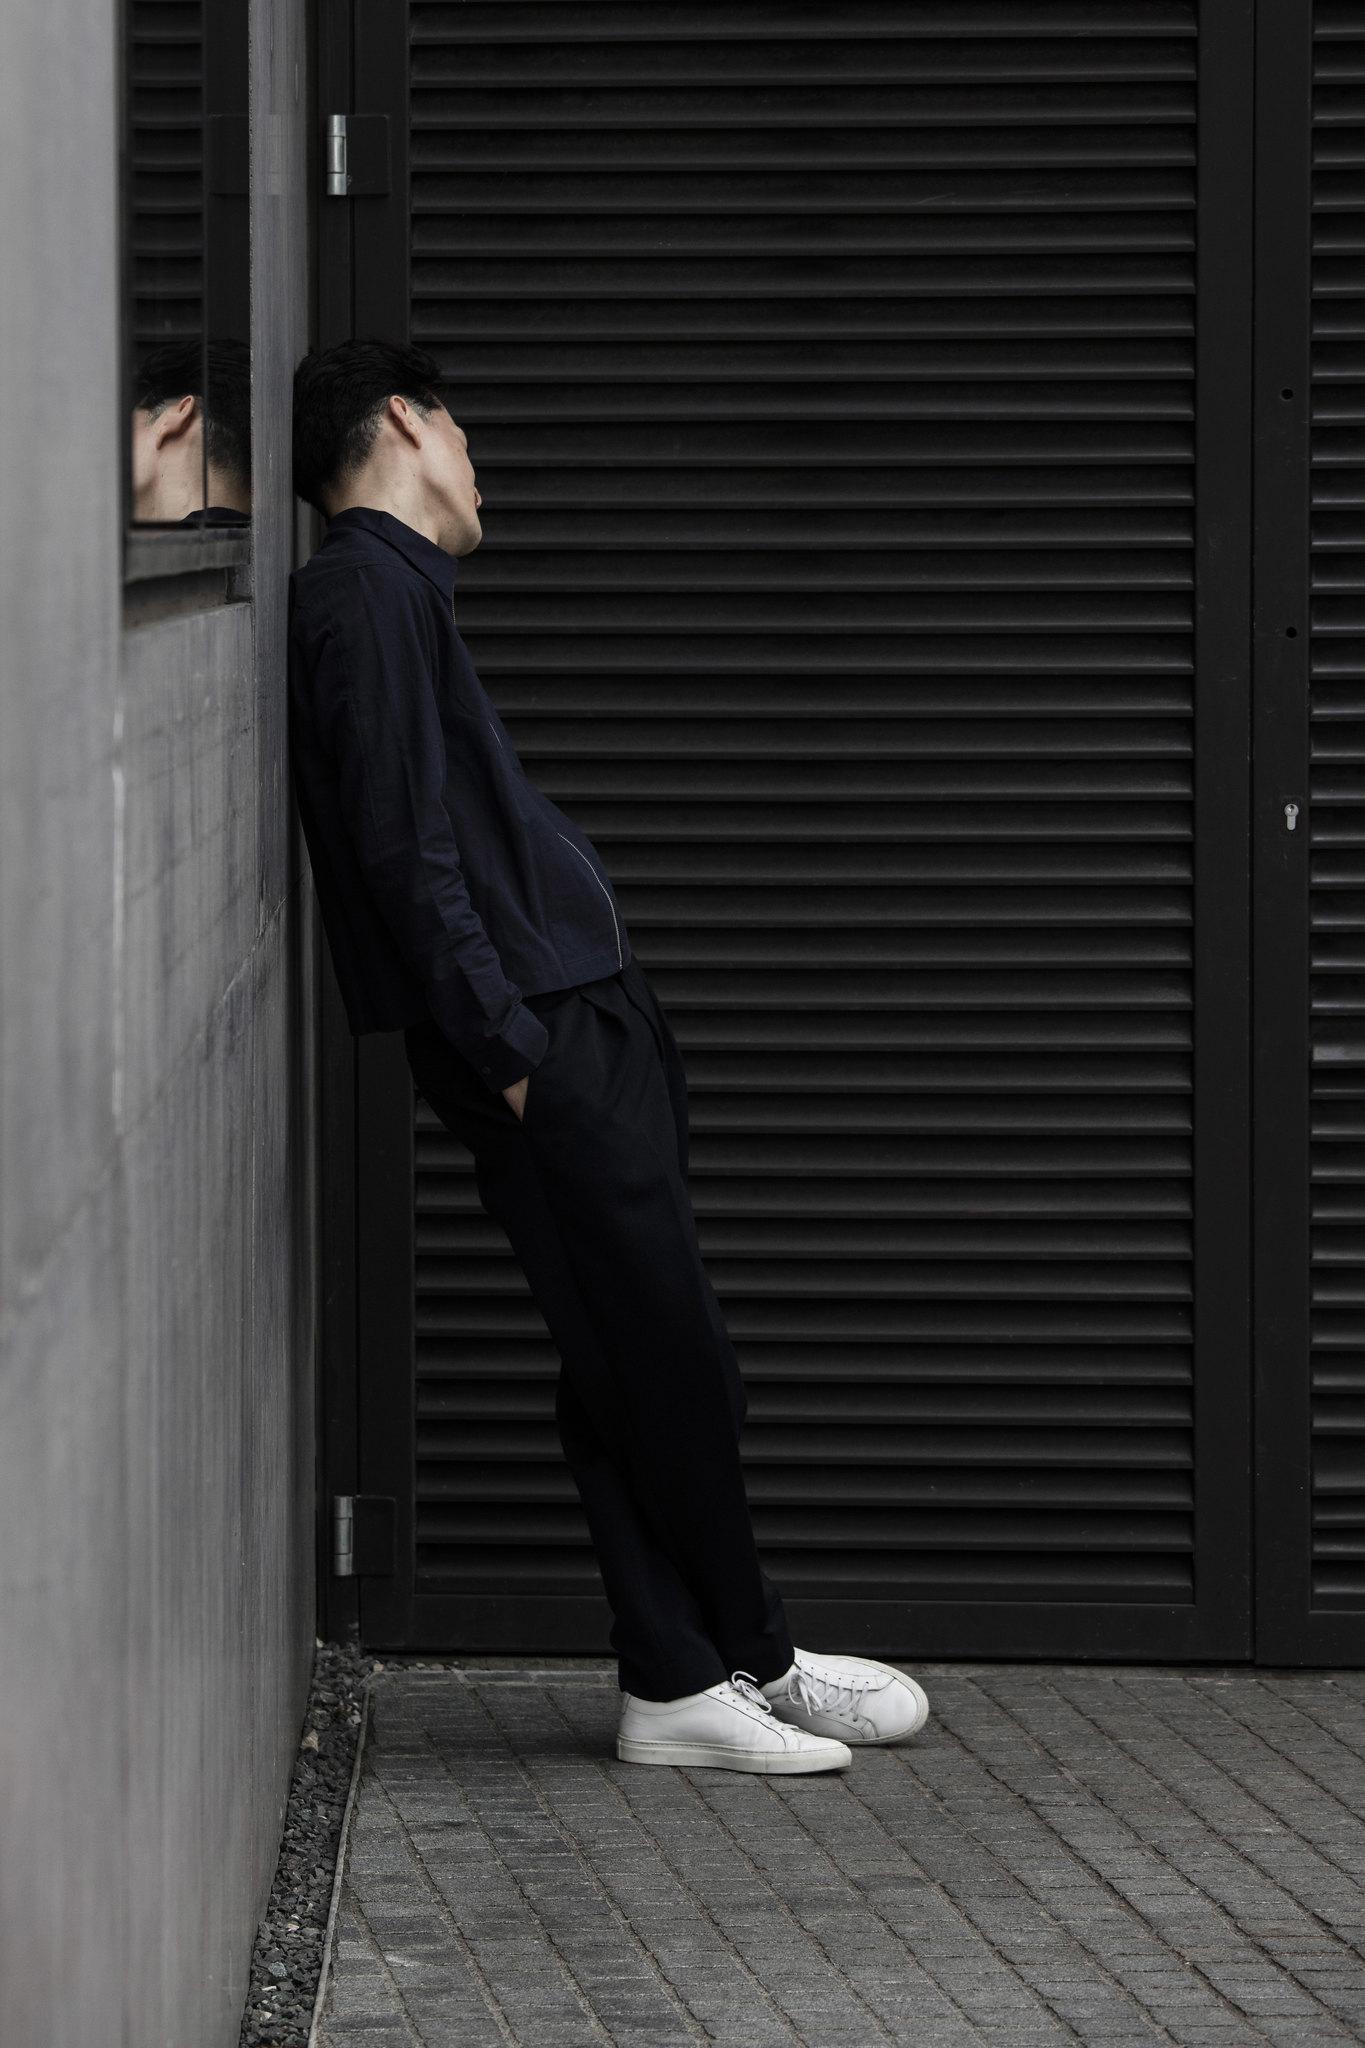 Jordan_Bunker_wearing_trousers_10